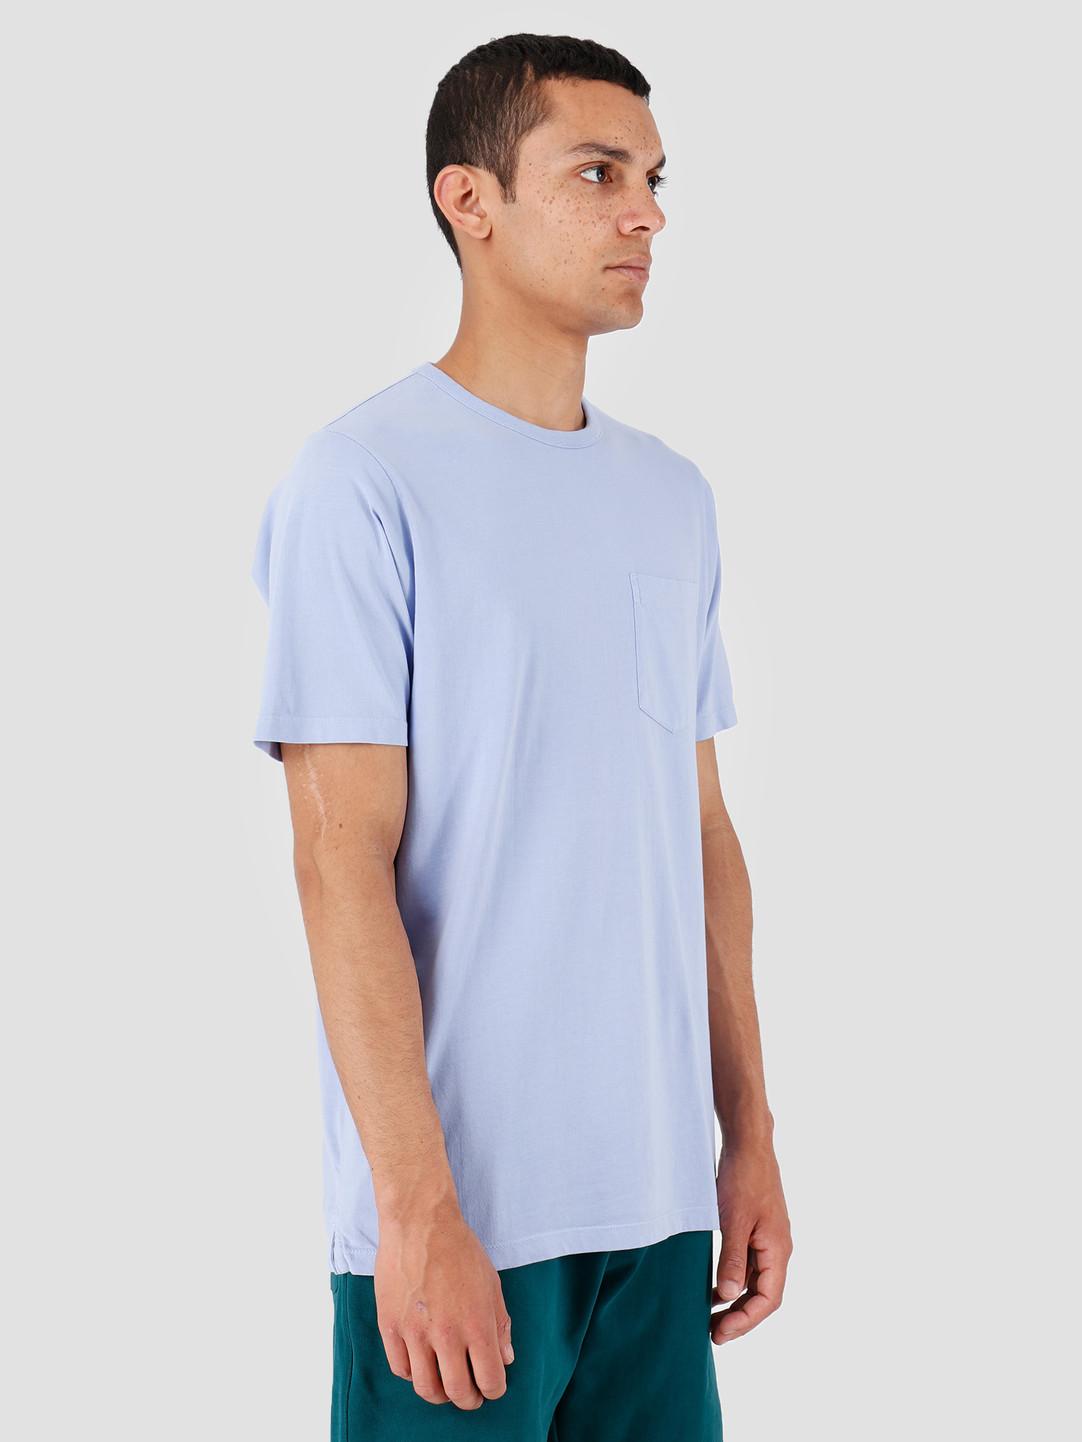 Quality Blanks Quality Blanks QB06 Pocket T-shirt Lilac